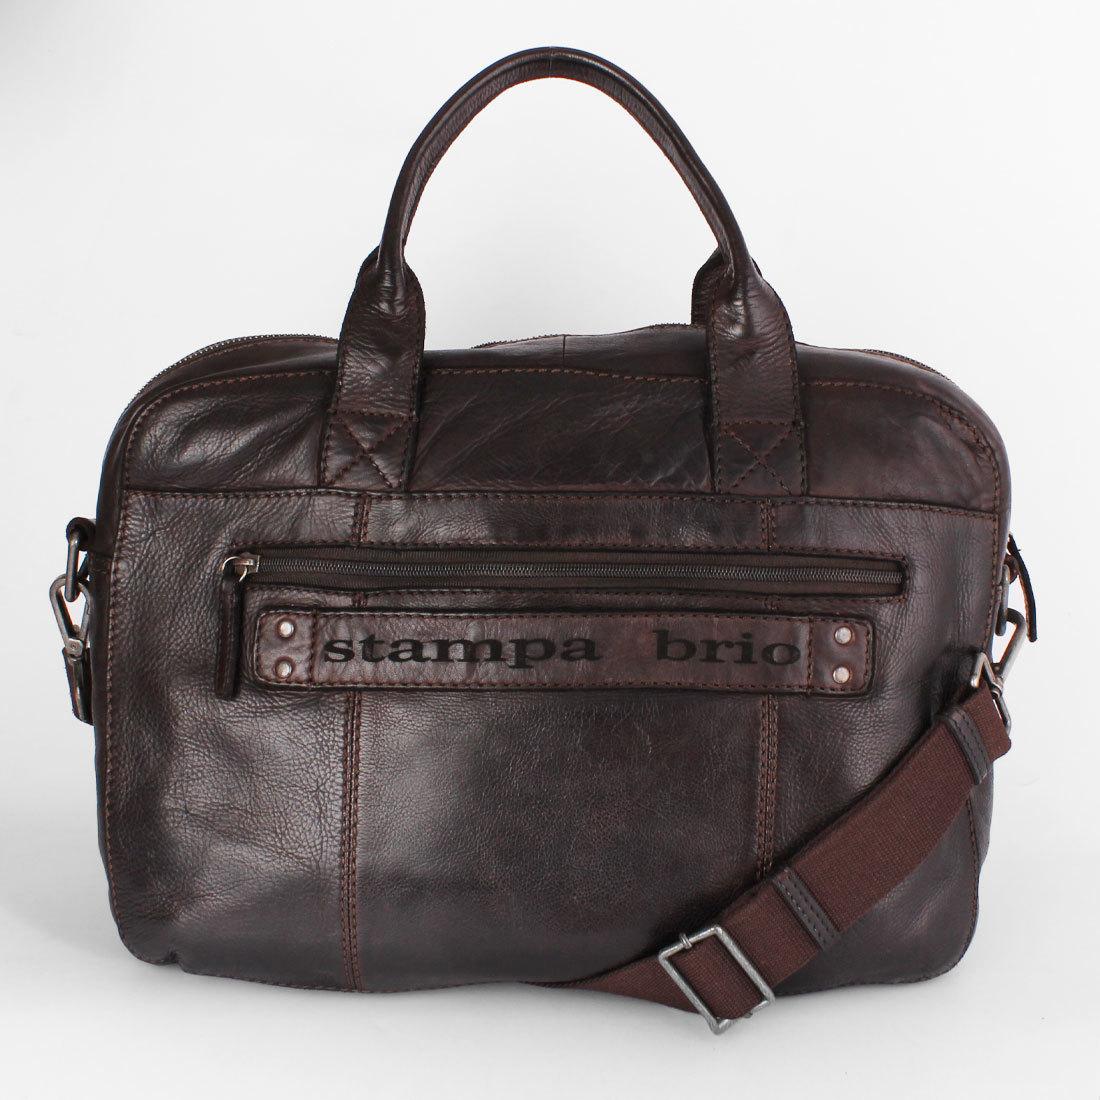 7155 - Сумка-портфель